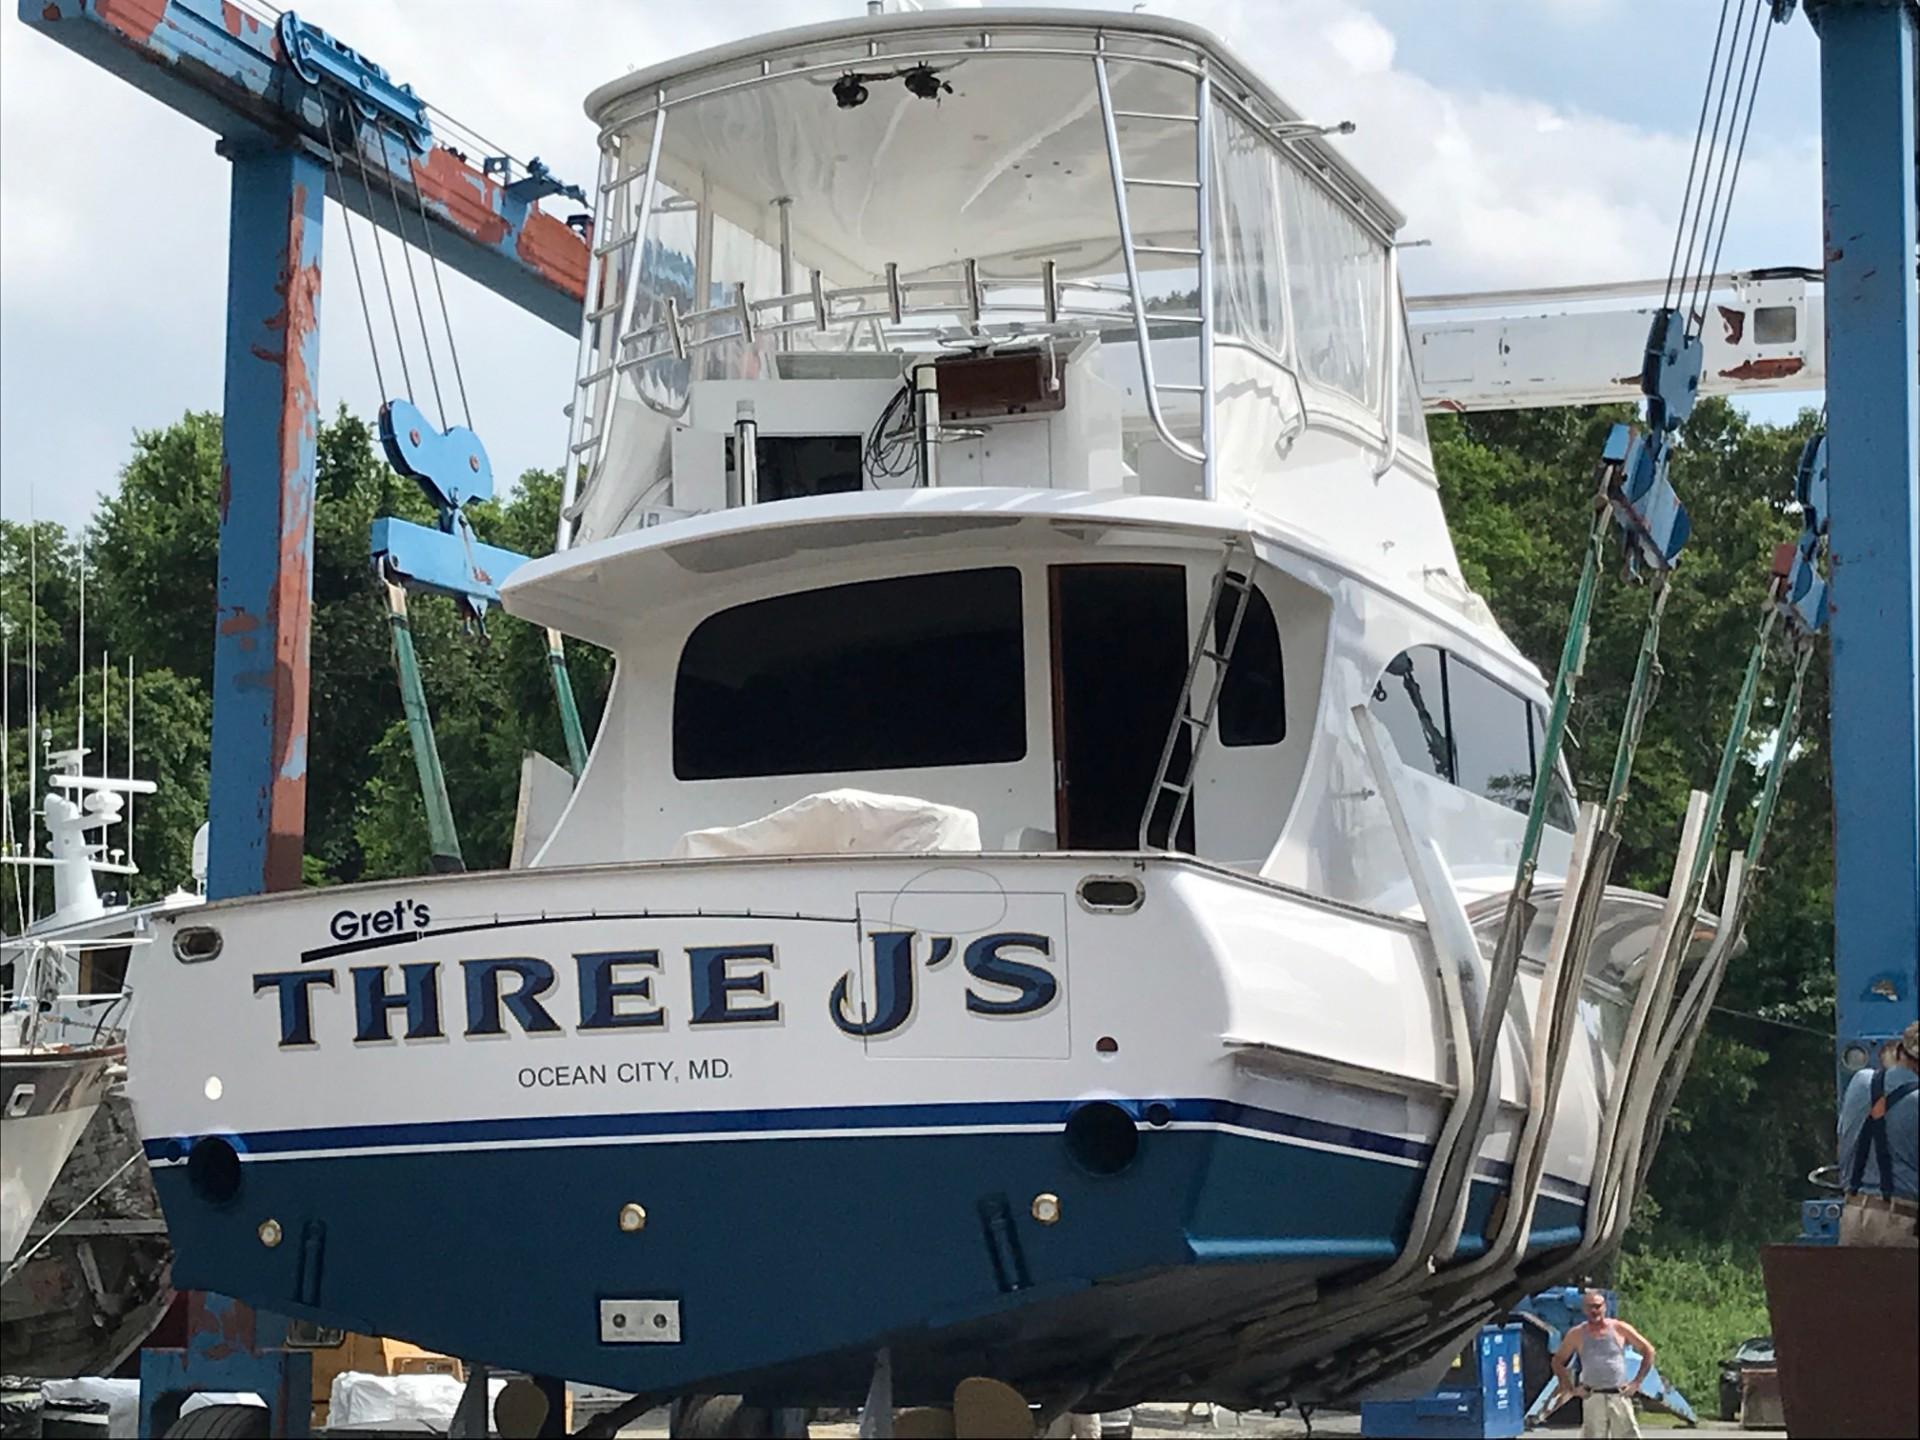 Blackwell 55 - Gret's Three Js